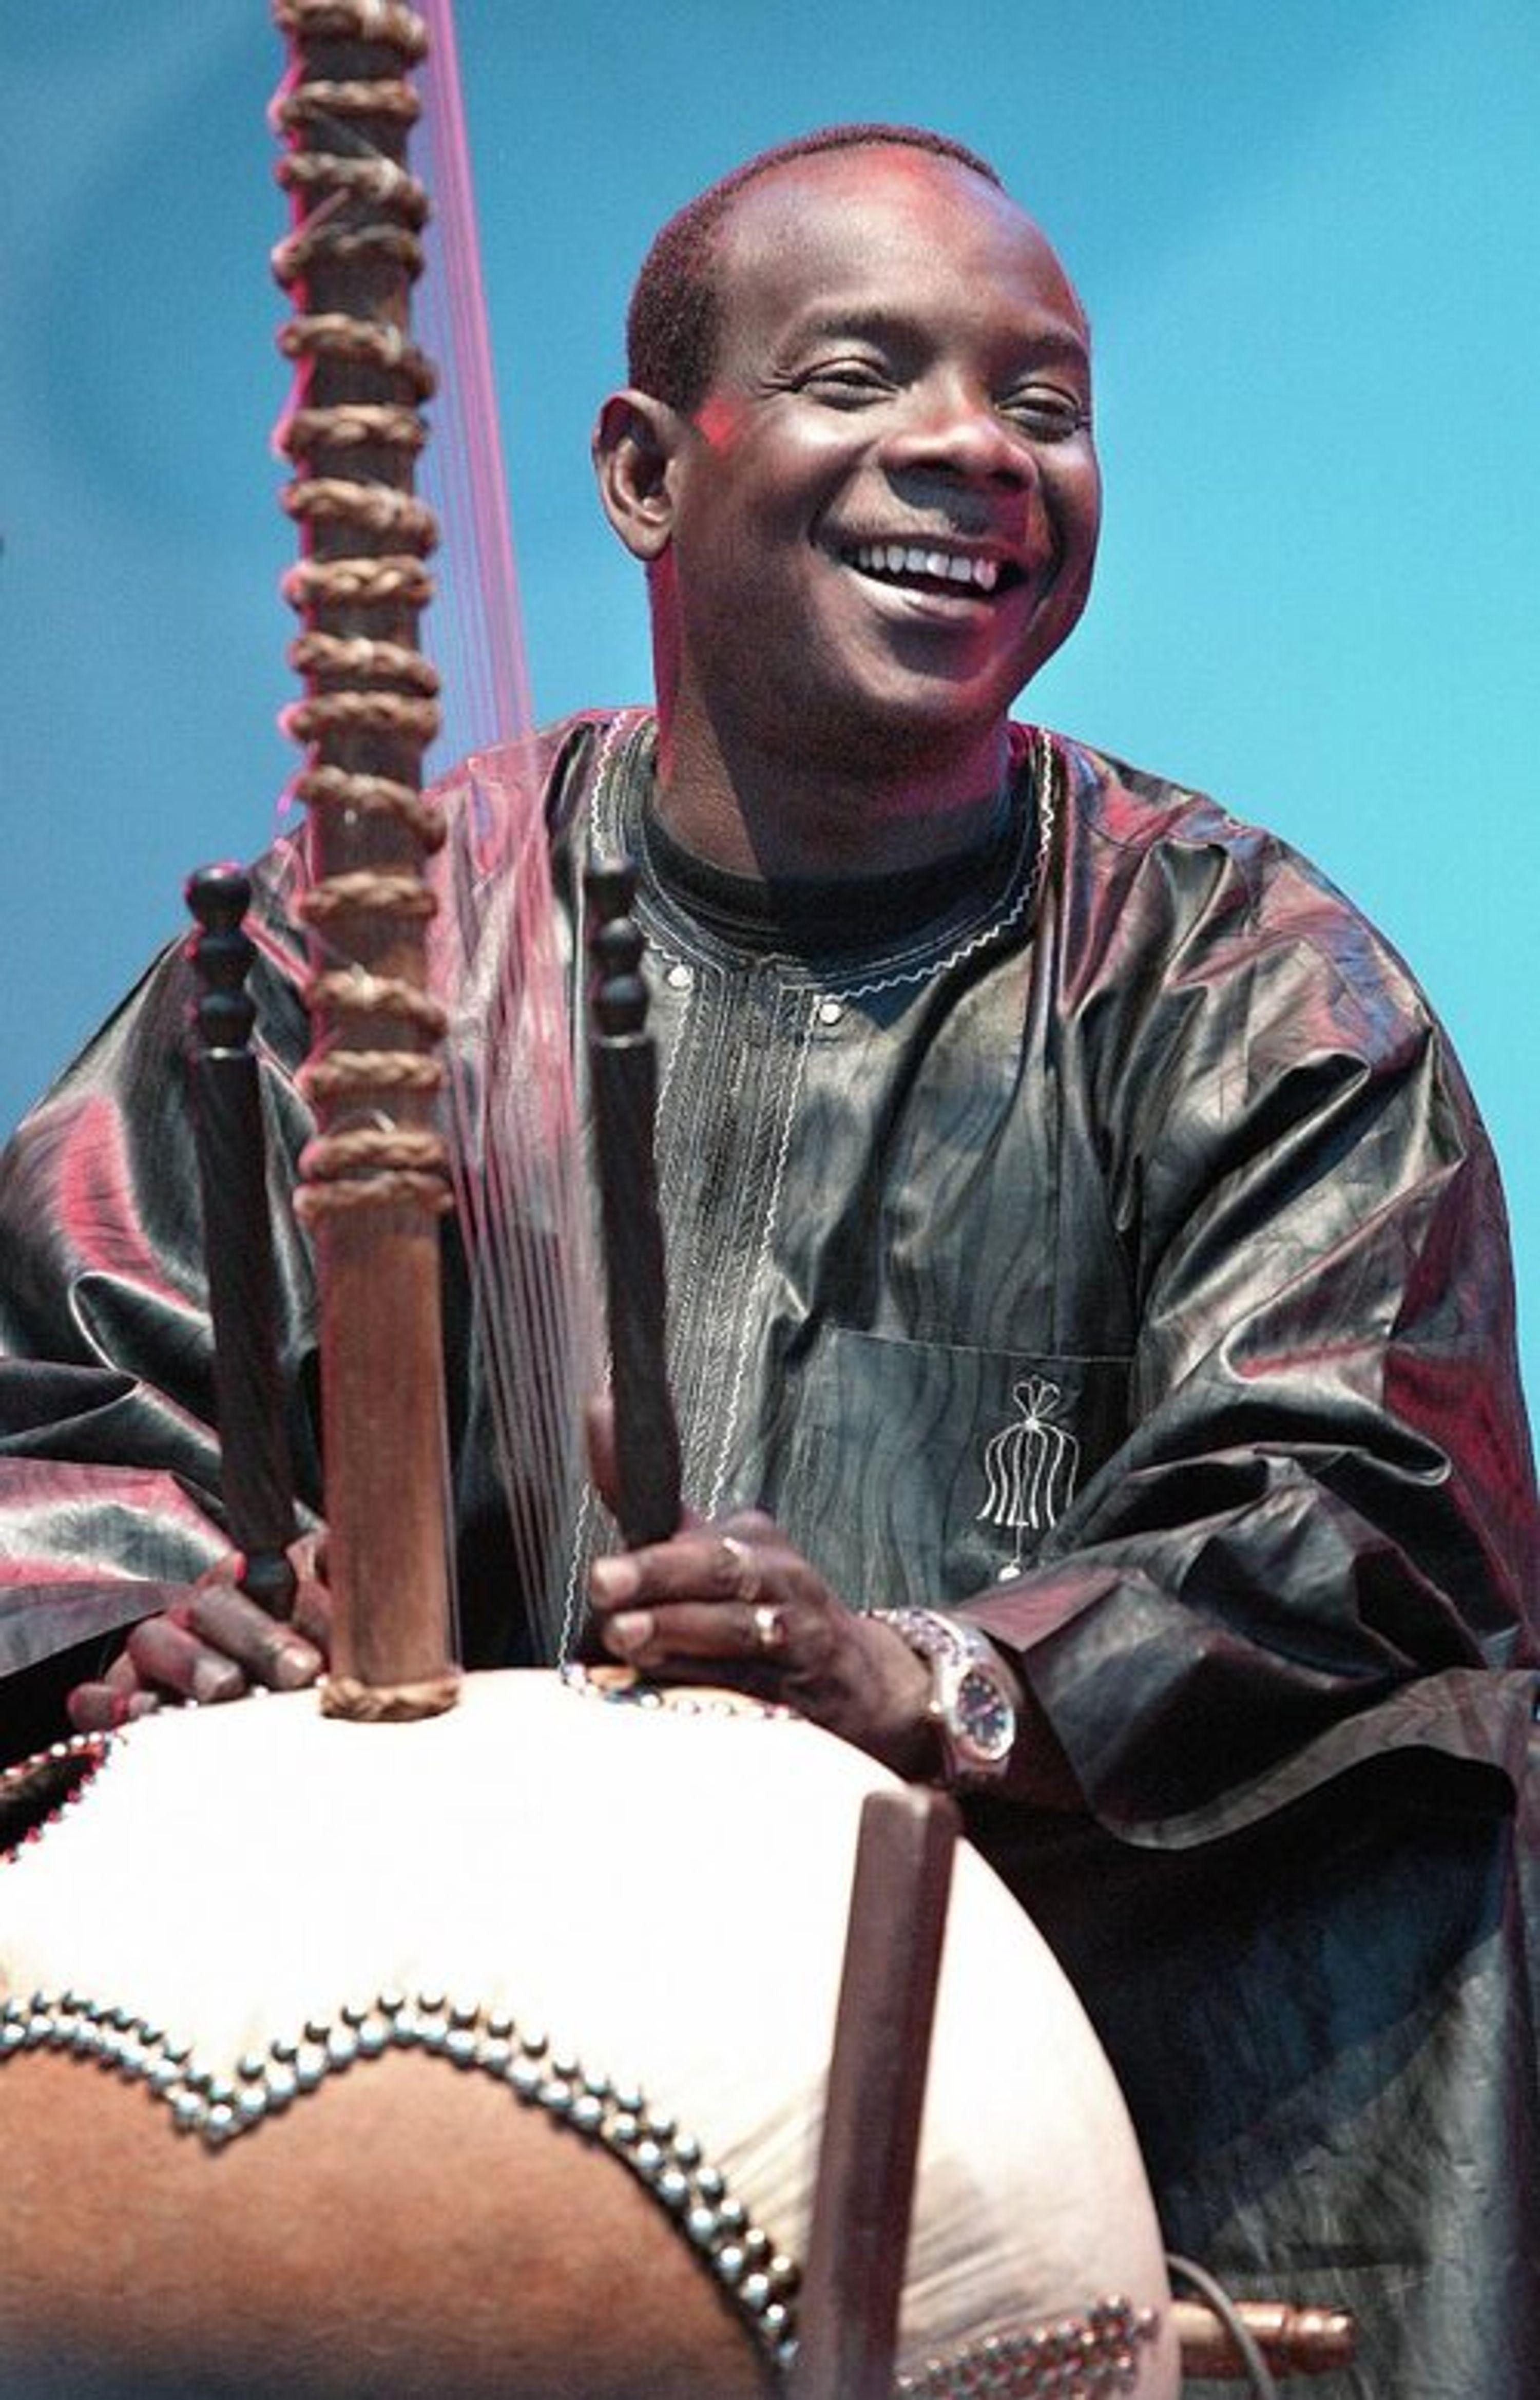 Toumani Diabate playing his Kora